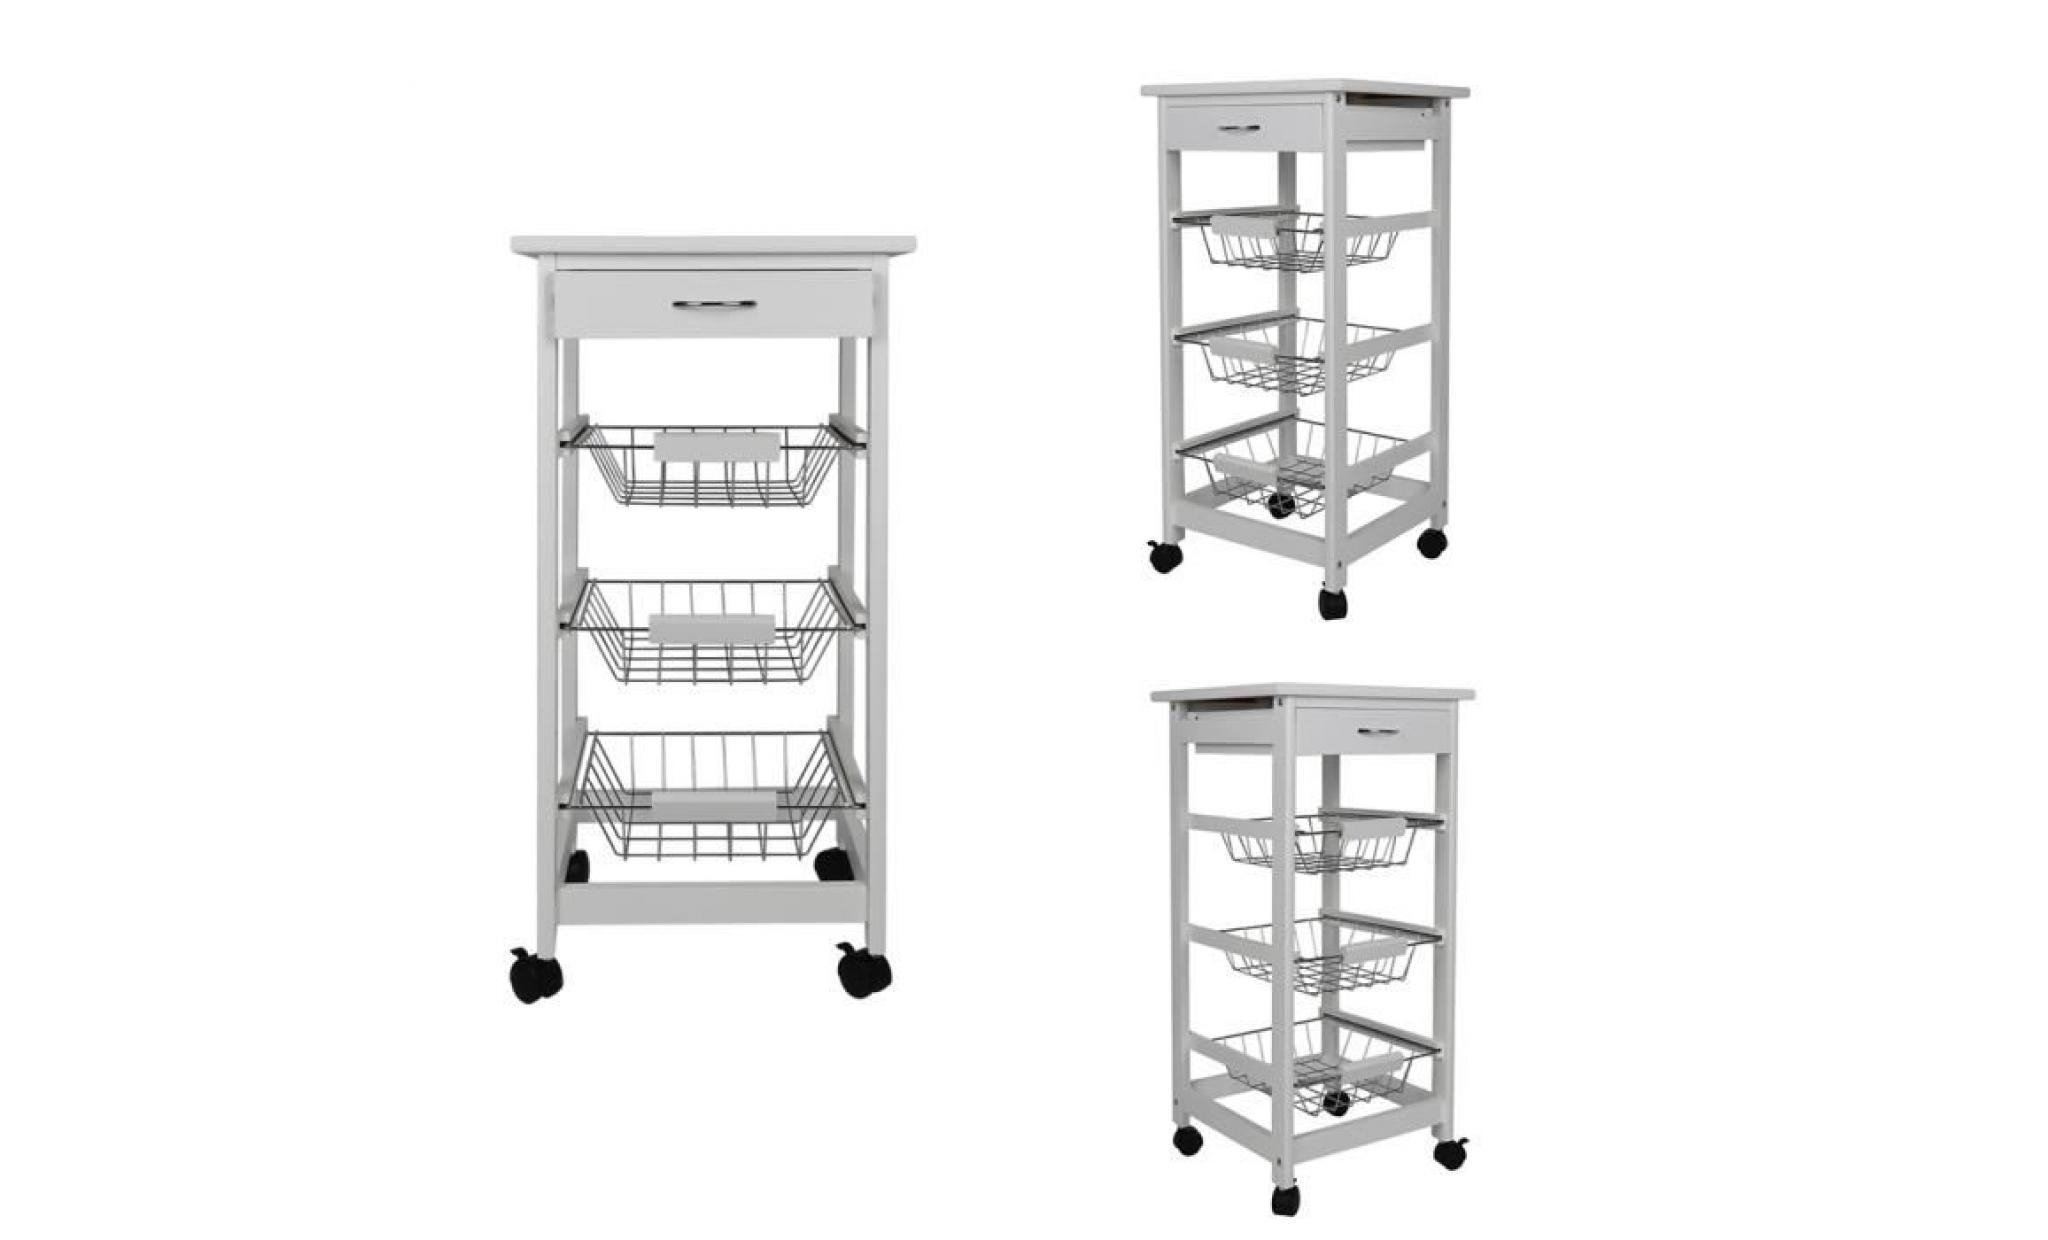 blanc 4 étages desserte cuisine à roulettes plateau planche de bois et métal